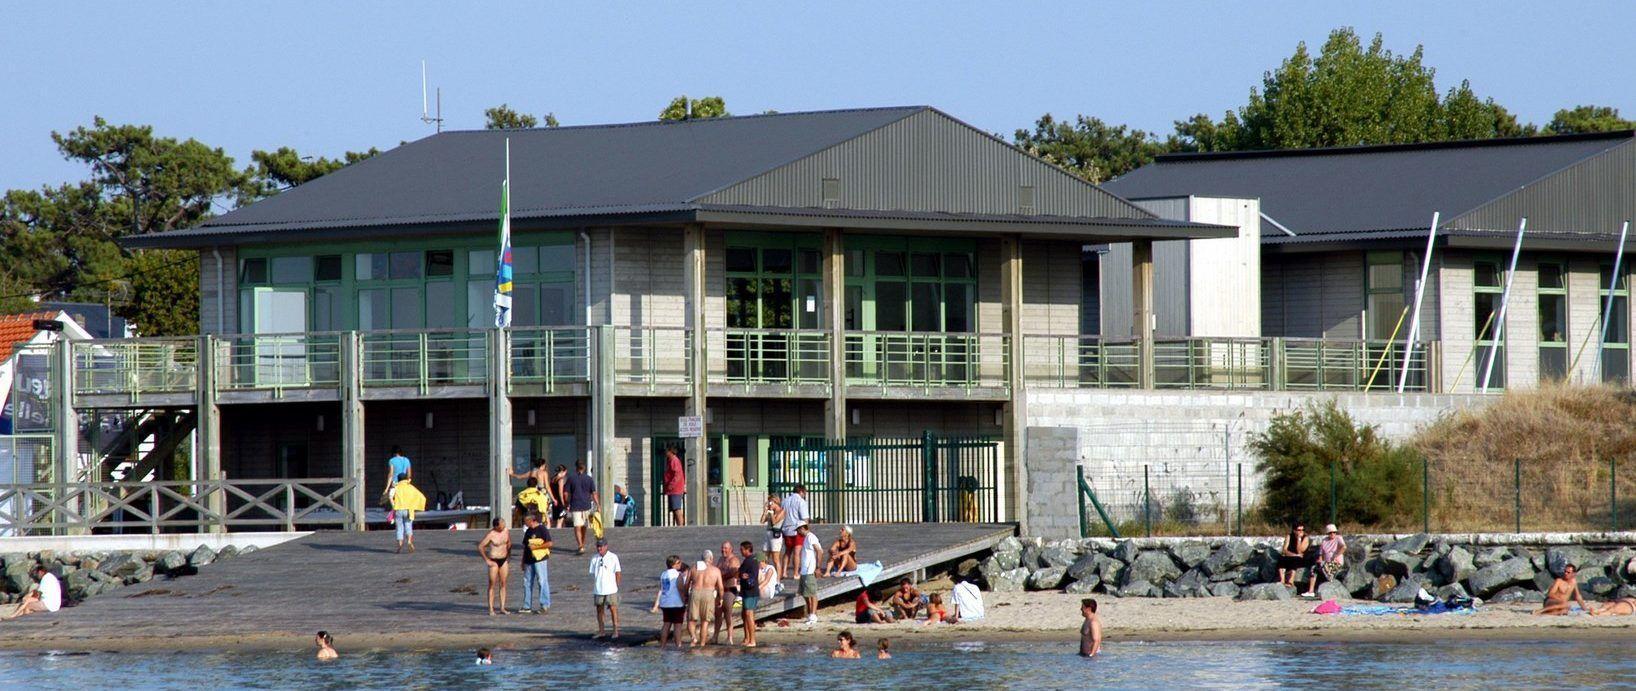 Centre Nautique Charline Picon